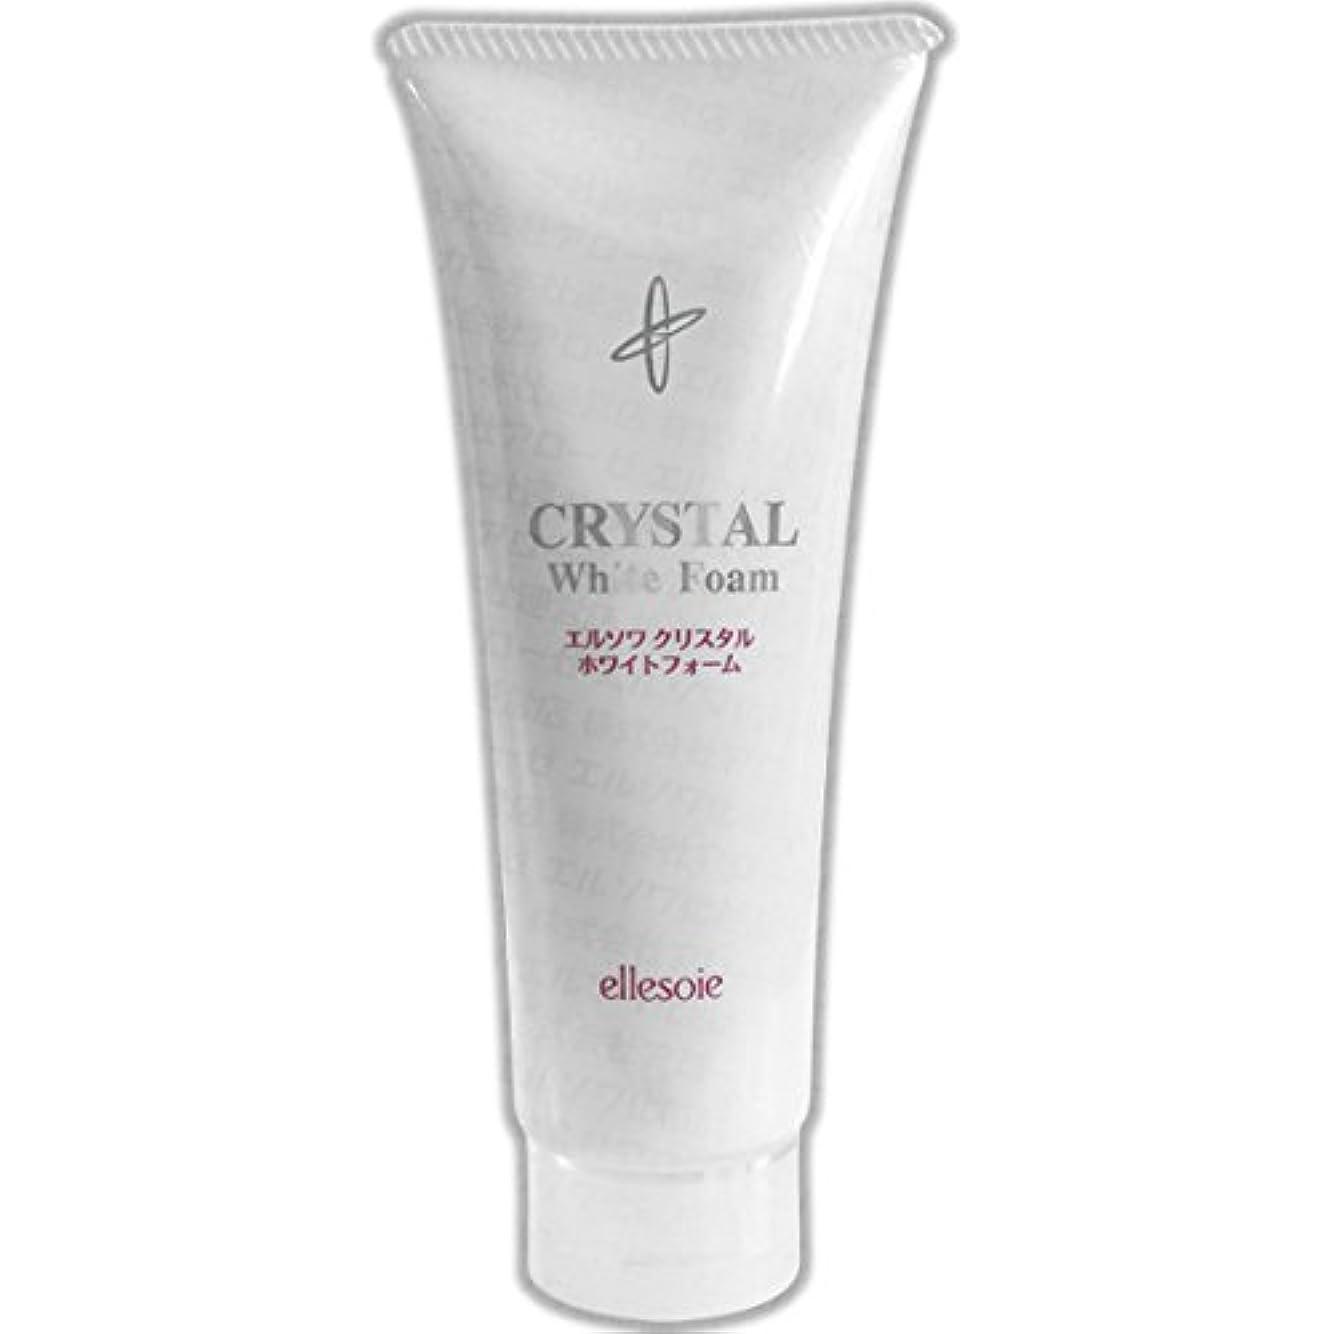 刈るそんなに絶滅したエルソワ化粧品(ellesoie) クリスタル ホワイトフォーム 洗顔